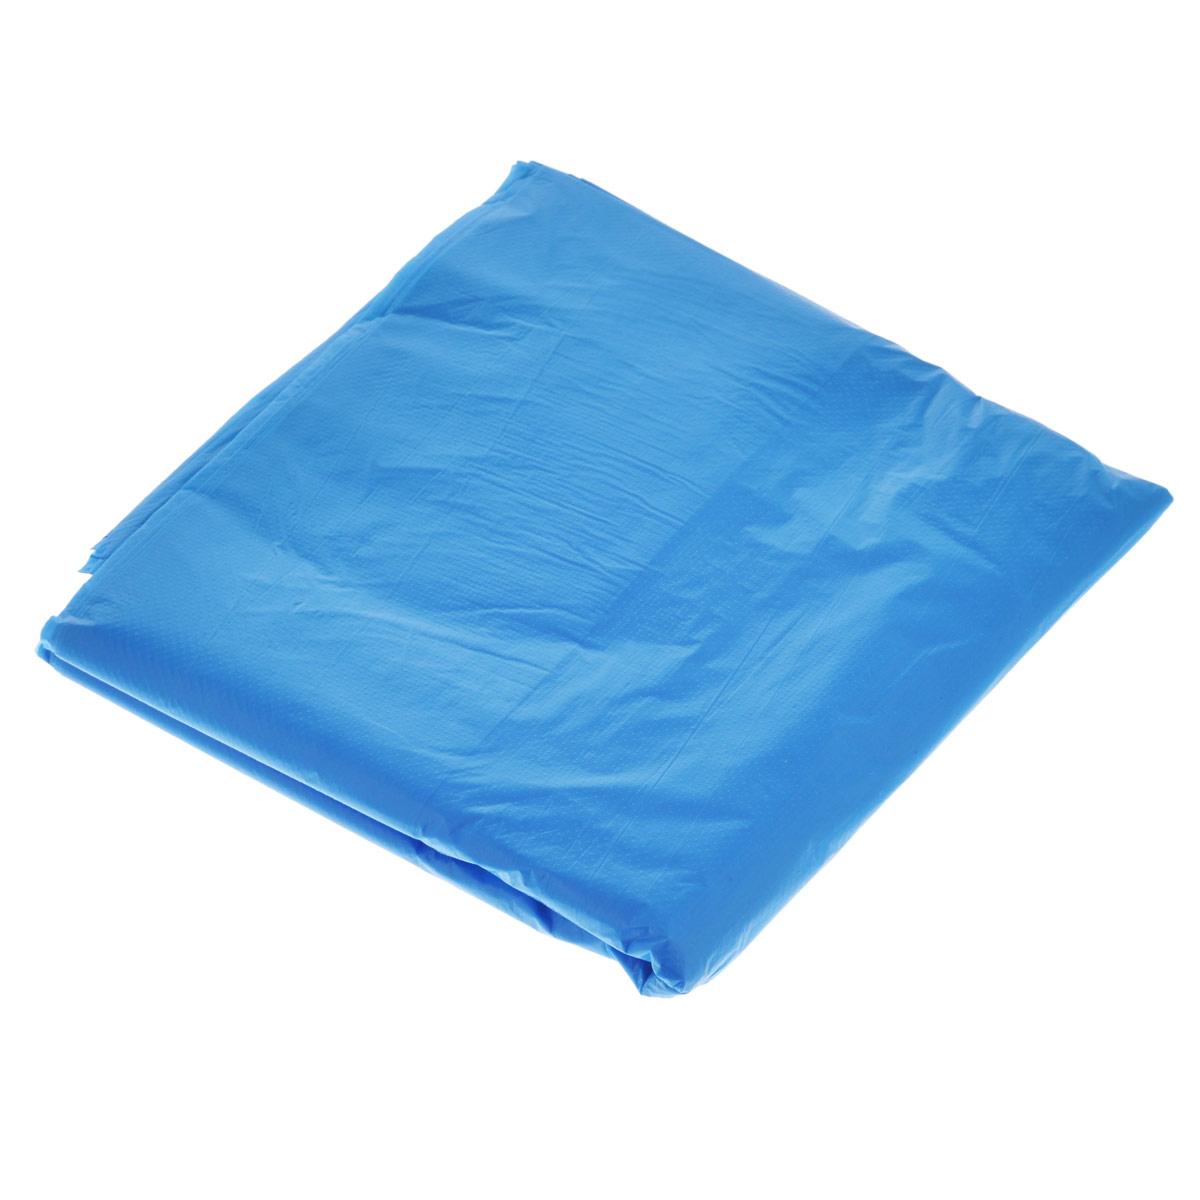 Пакеты для мусора La Chista, с ручками, 35 л, 25 шт пакеты д мусора премиум повышенной прочности 30л в пластах 20 шт 930984